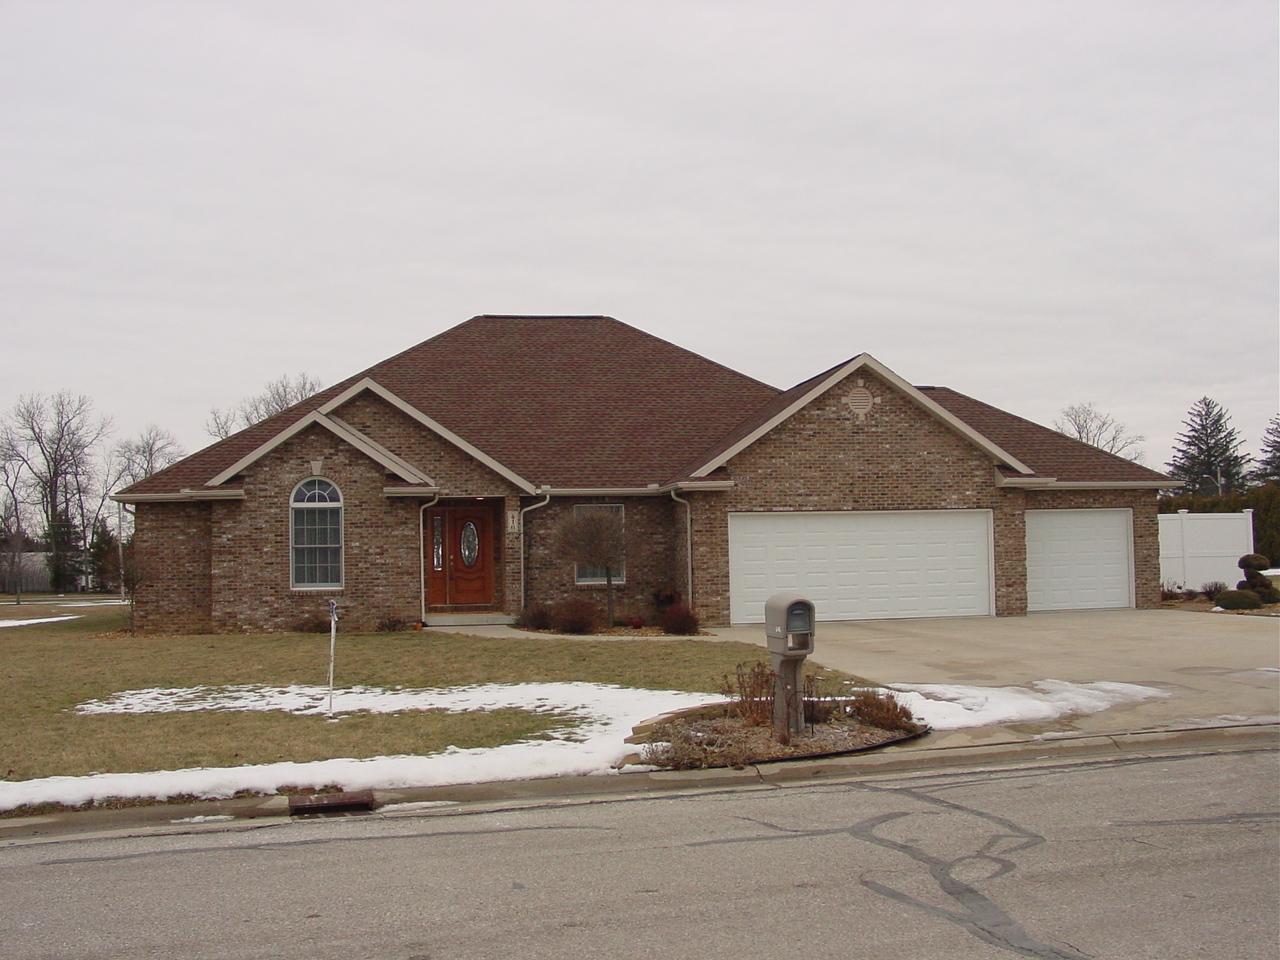 416 W. Lynn St., Pioneer, Ohio 43554